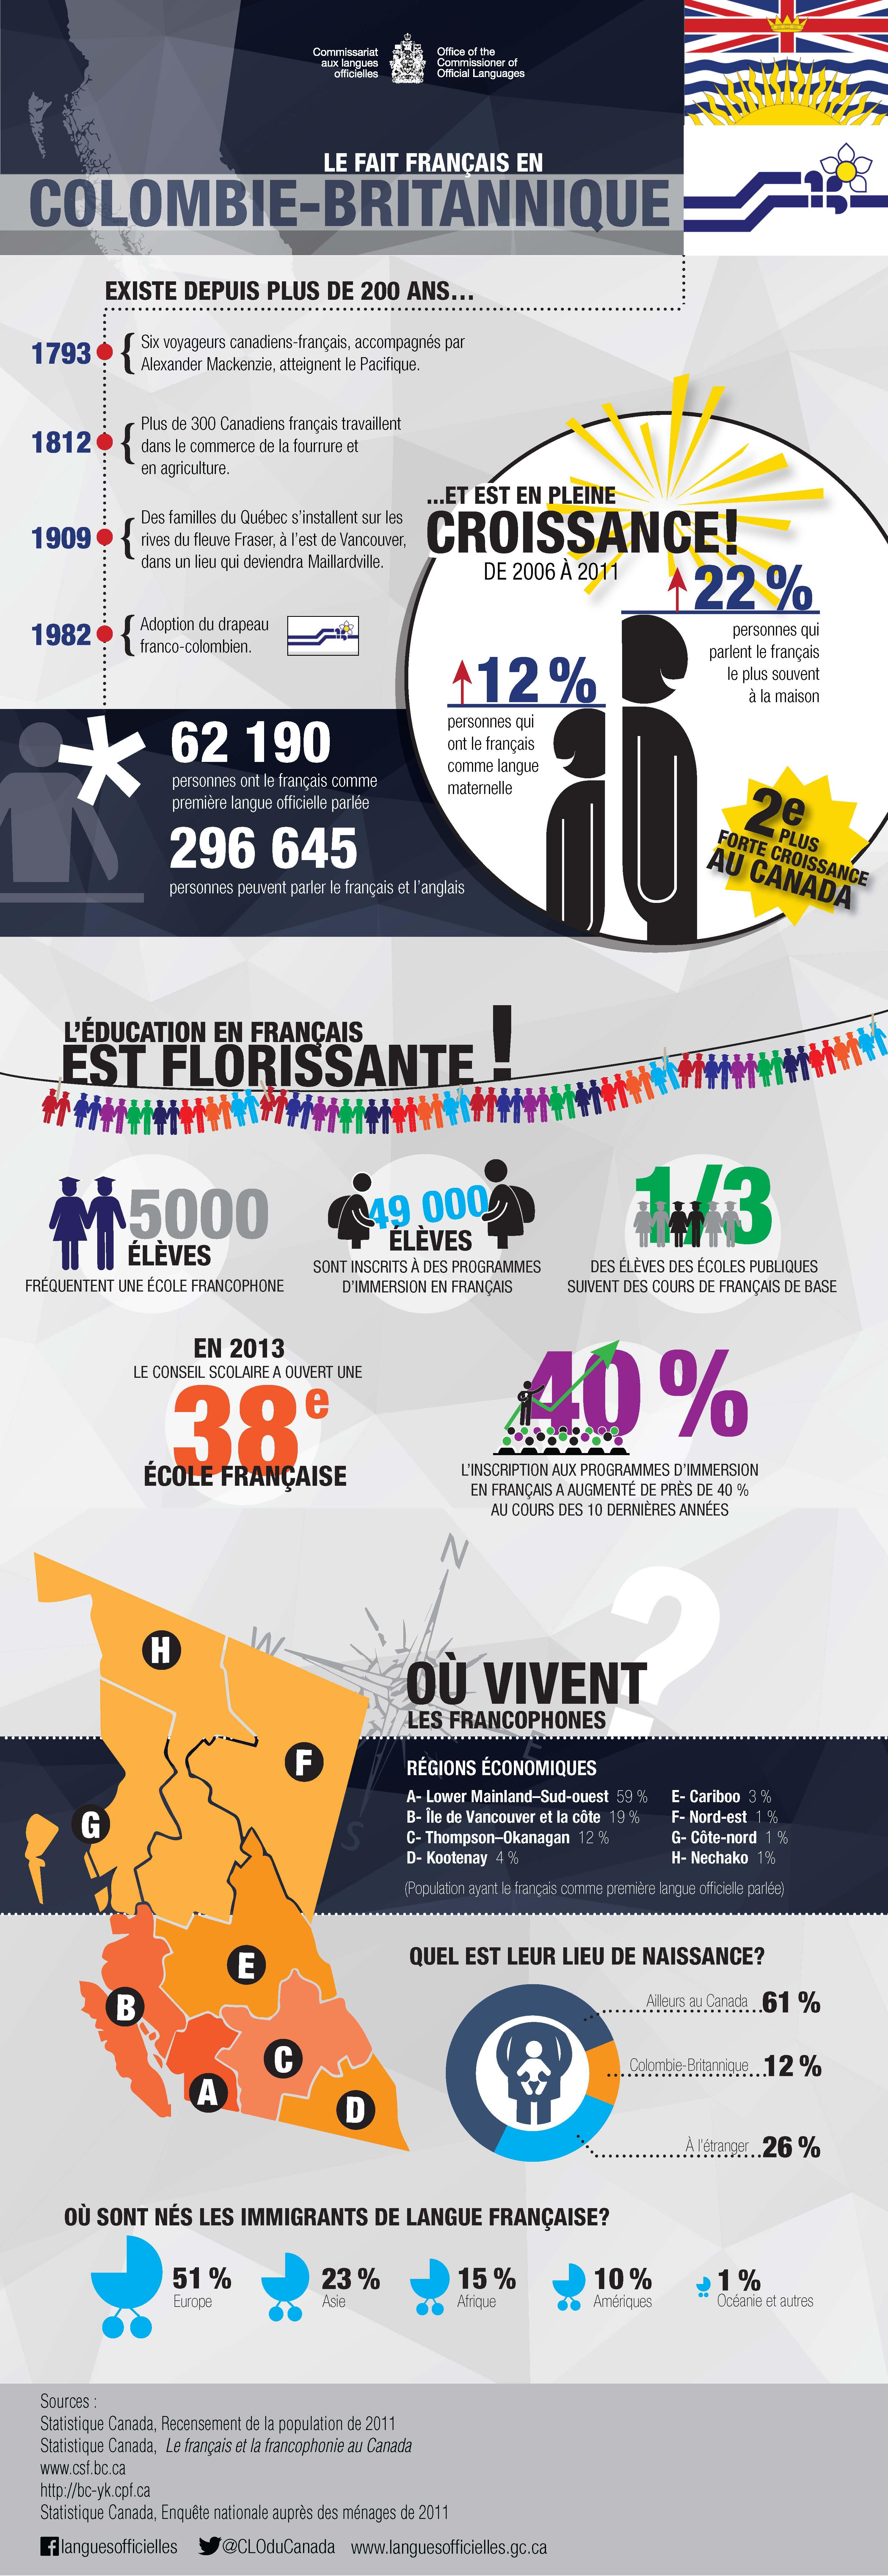 Infographie : Le fait français en Colombie-britannique